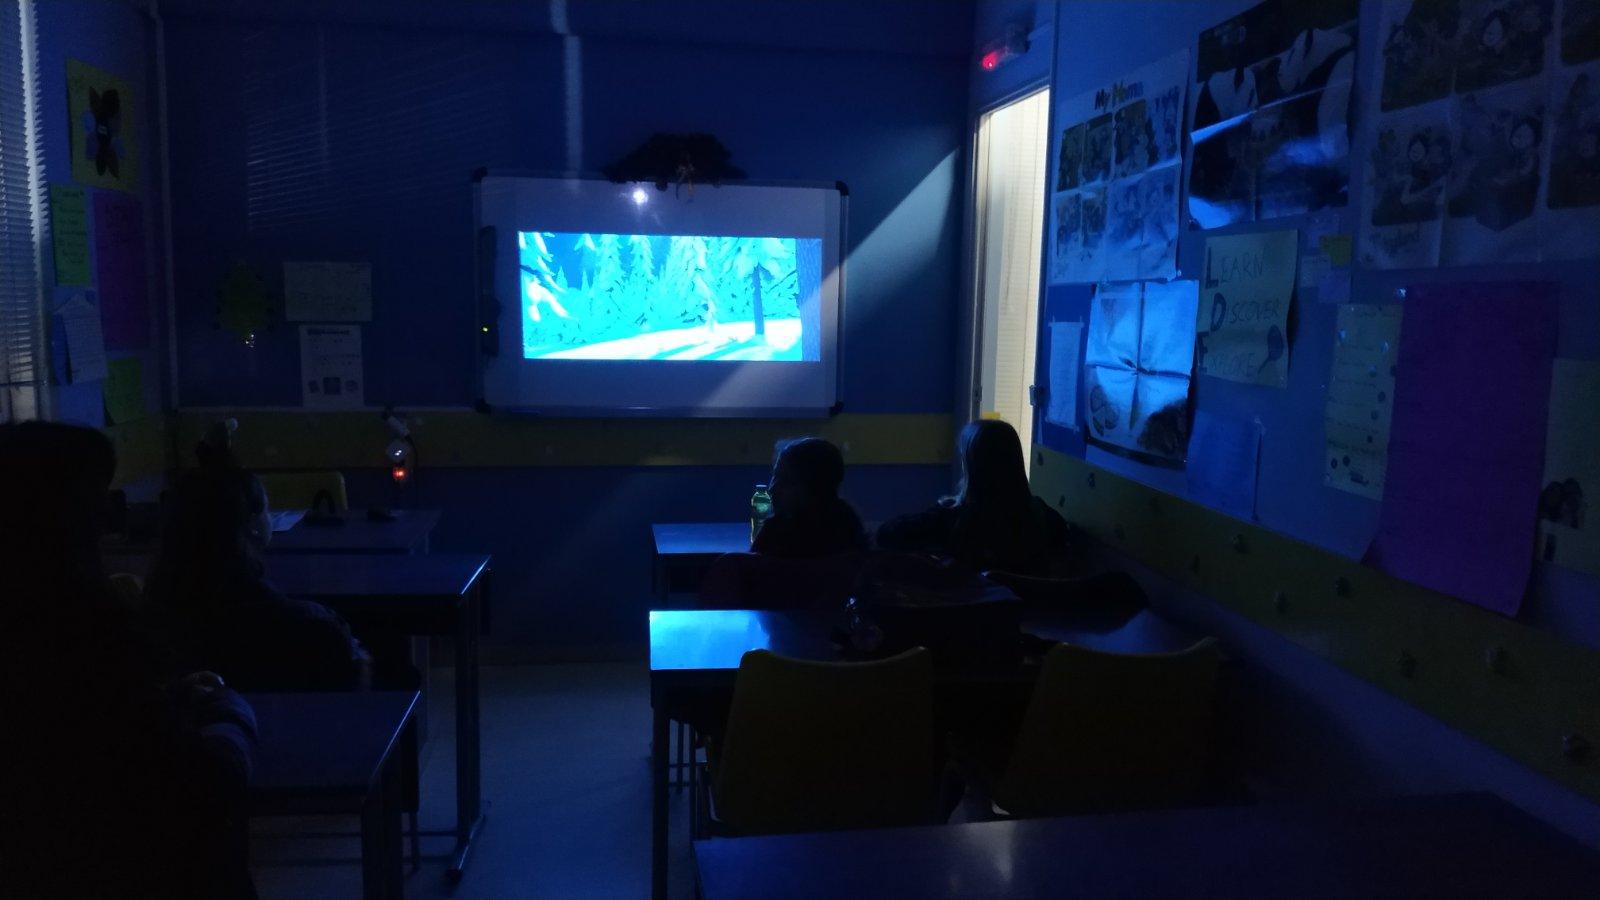 Video in teaching